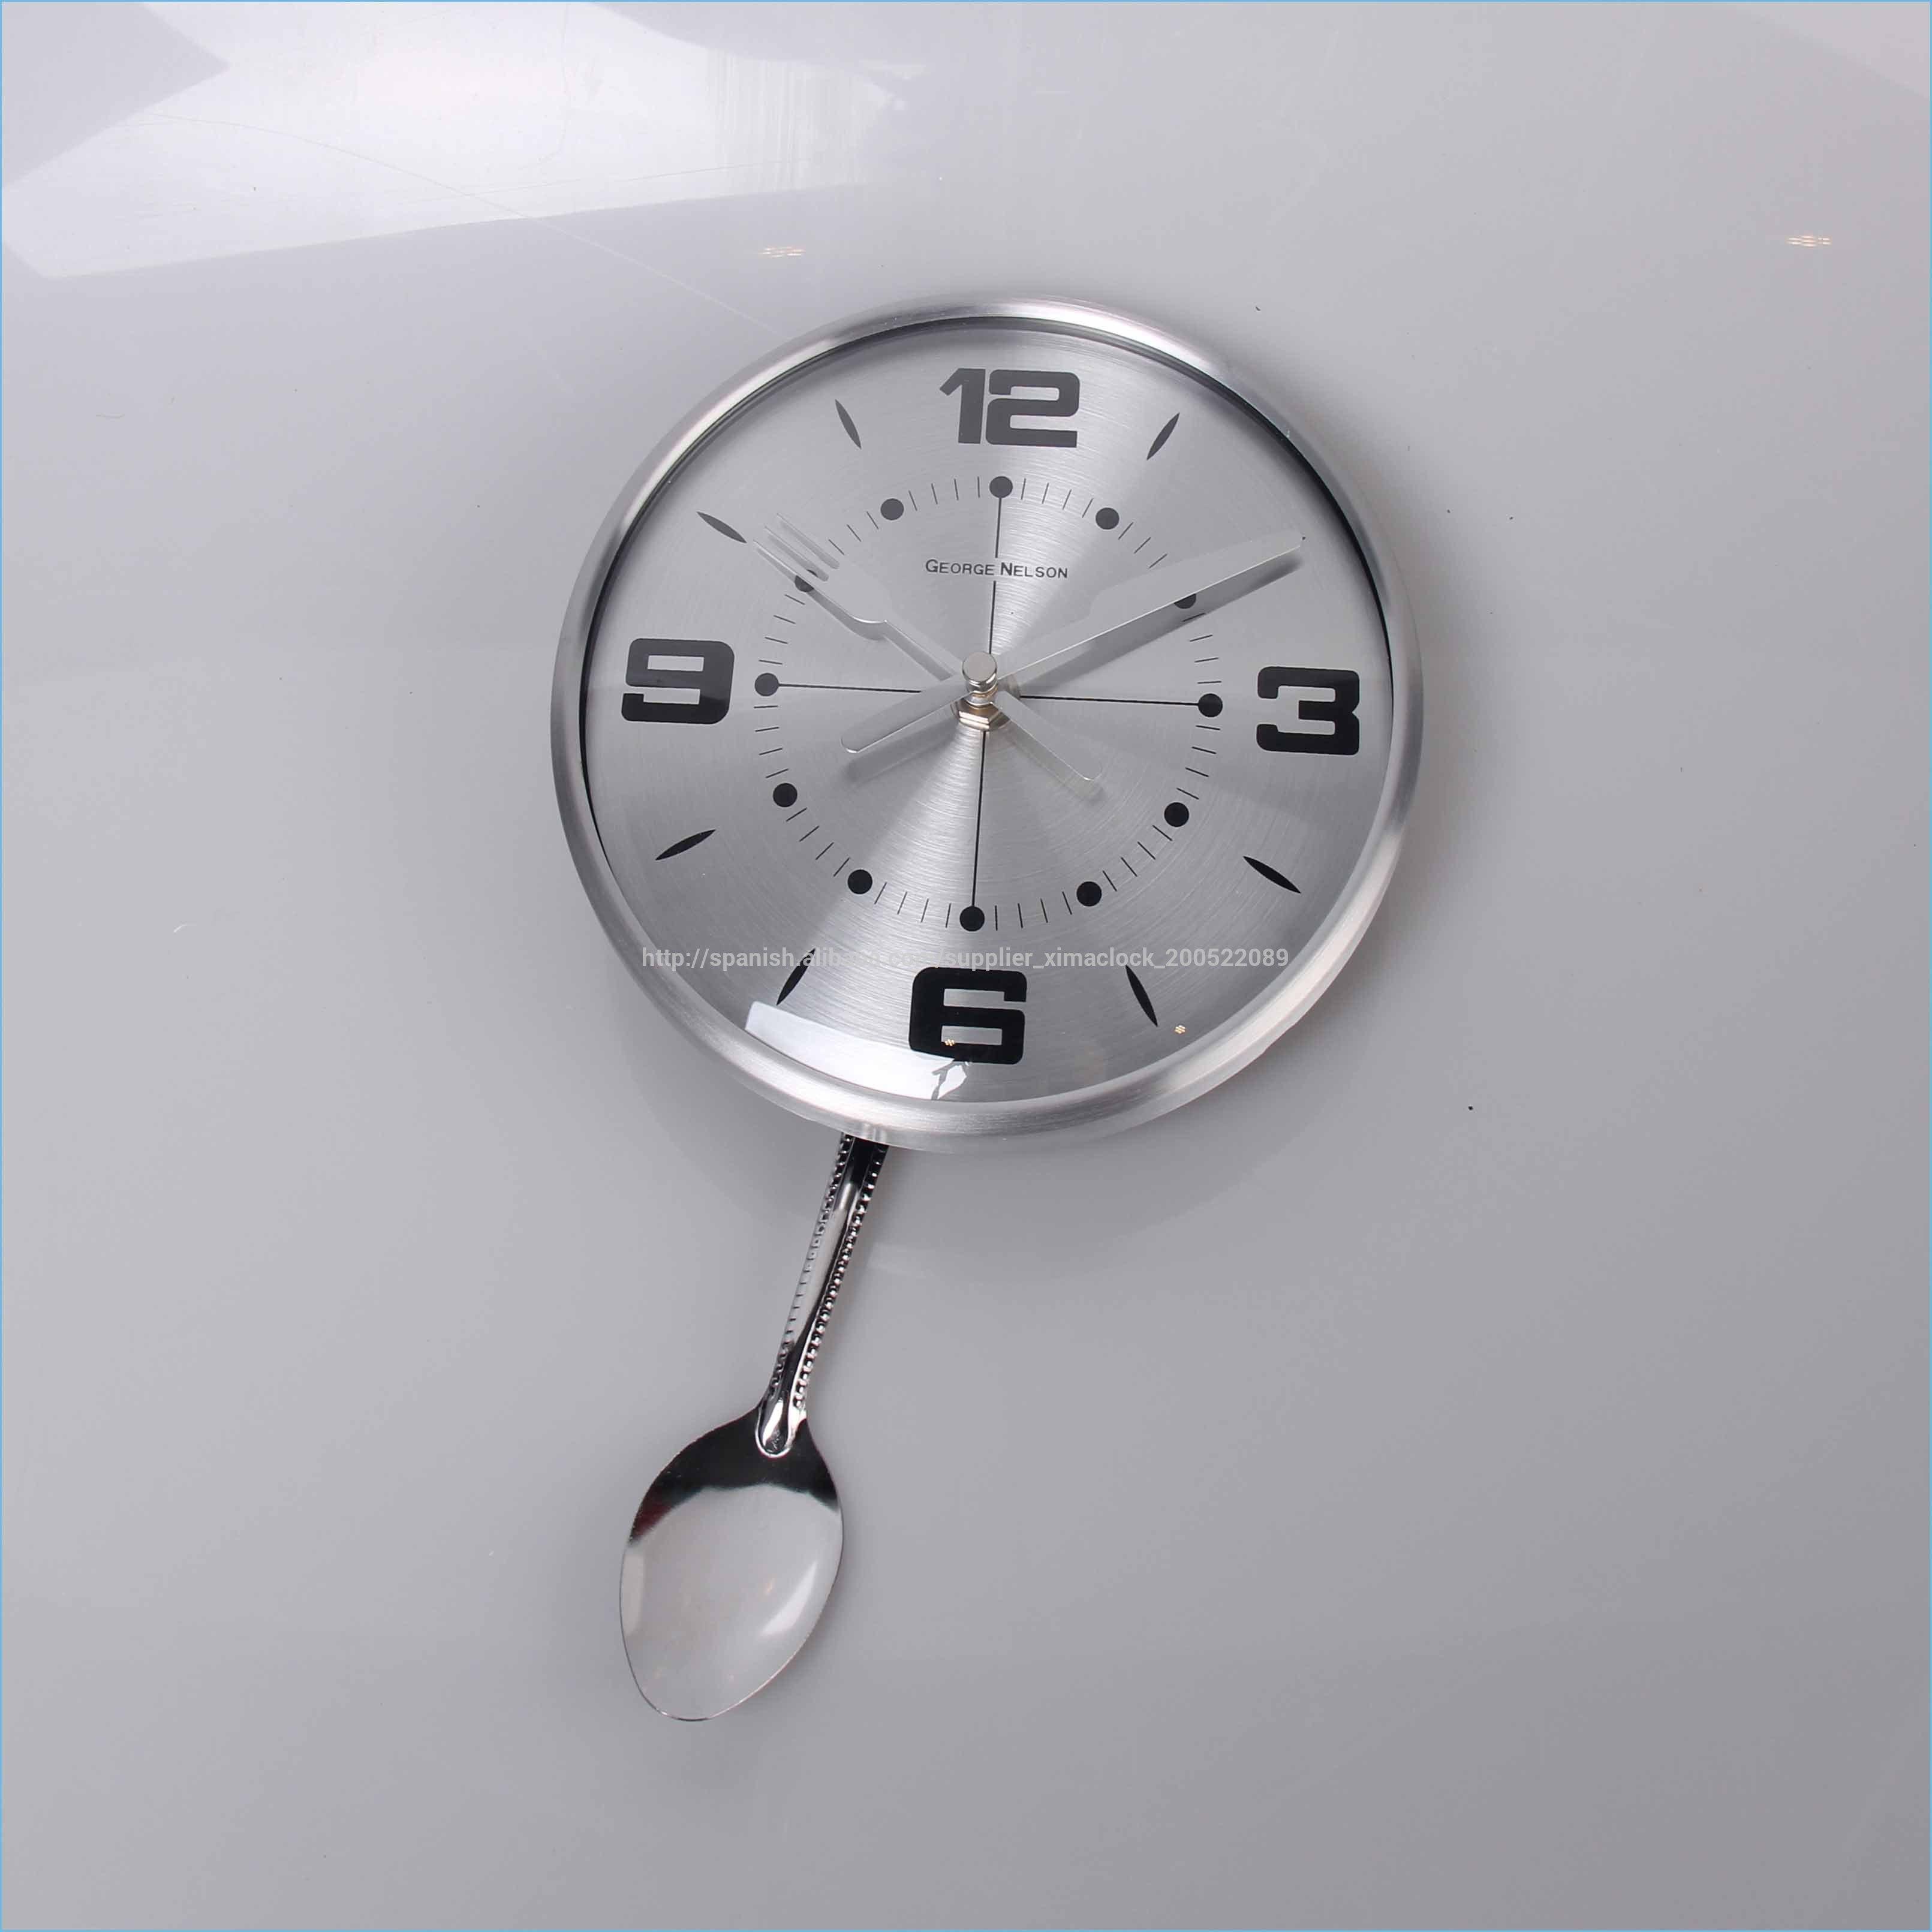 Nuevo elemento de cocina reloj de pared de acero - Relojes pared cocina ...